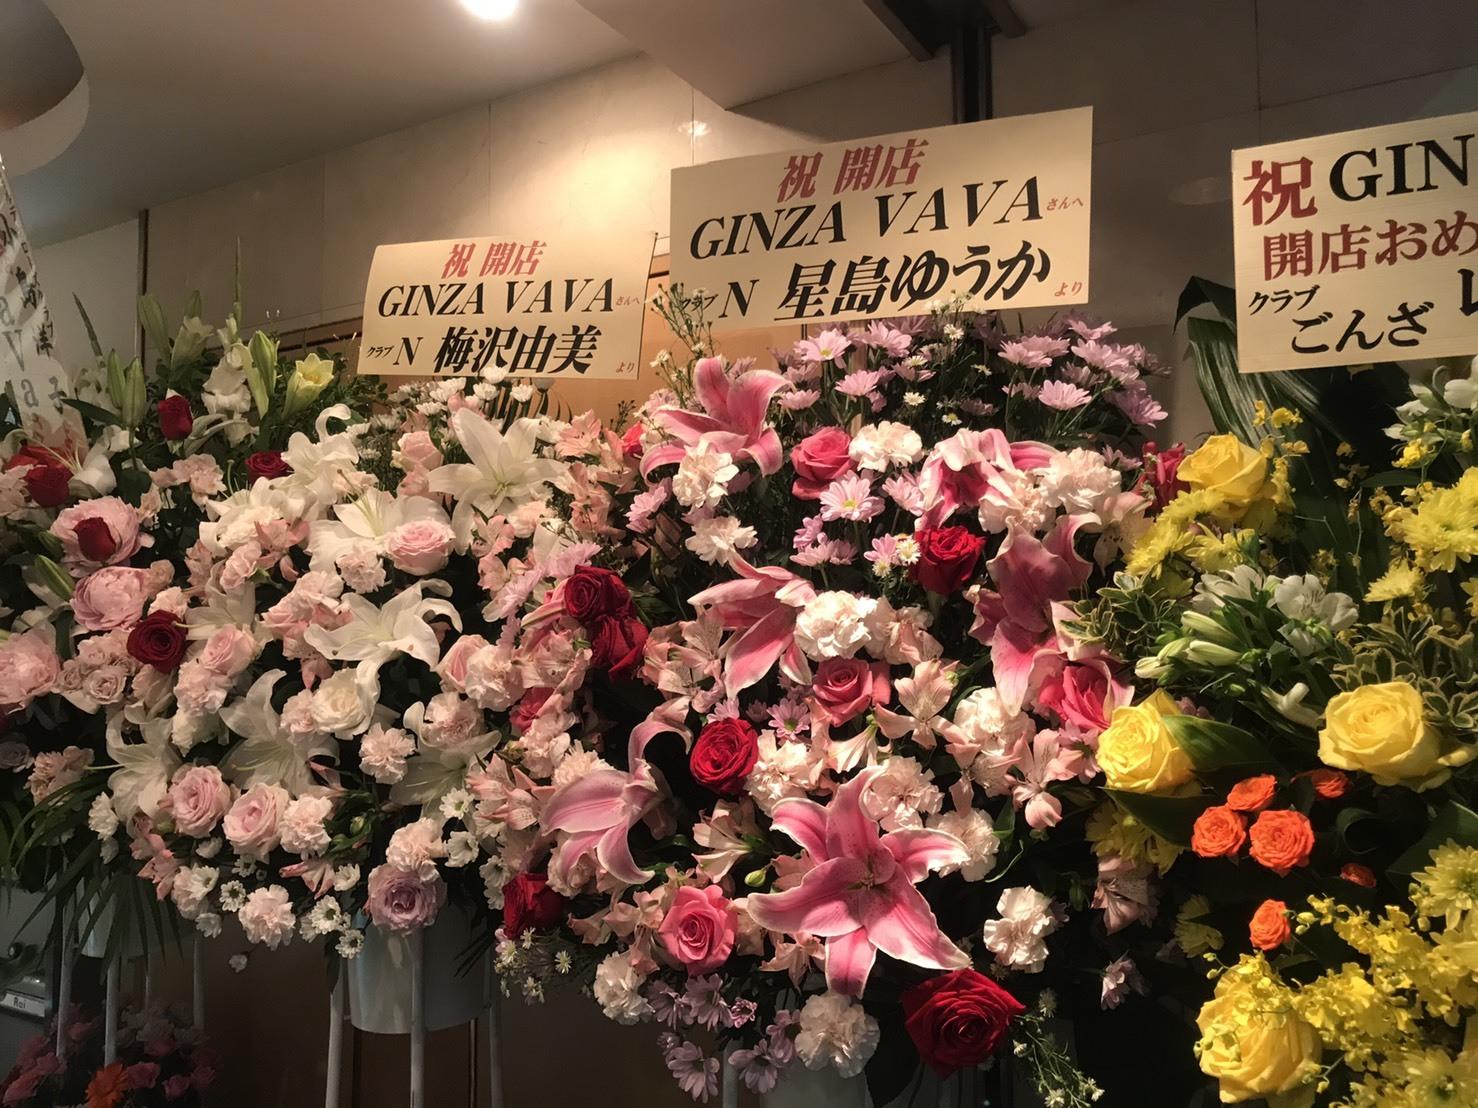 銀座クラブ「GINZA VAVA」開店祝い